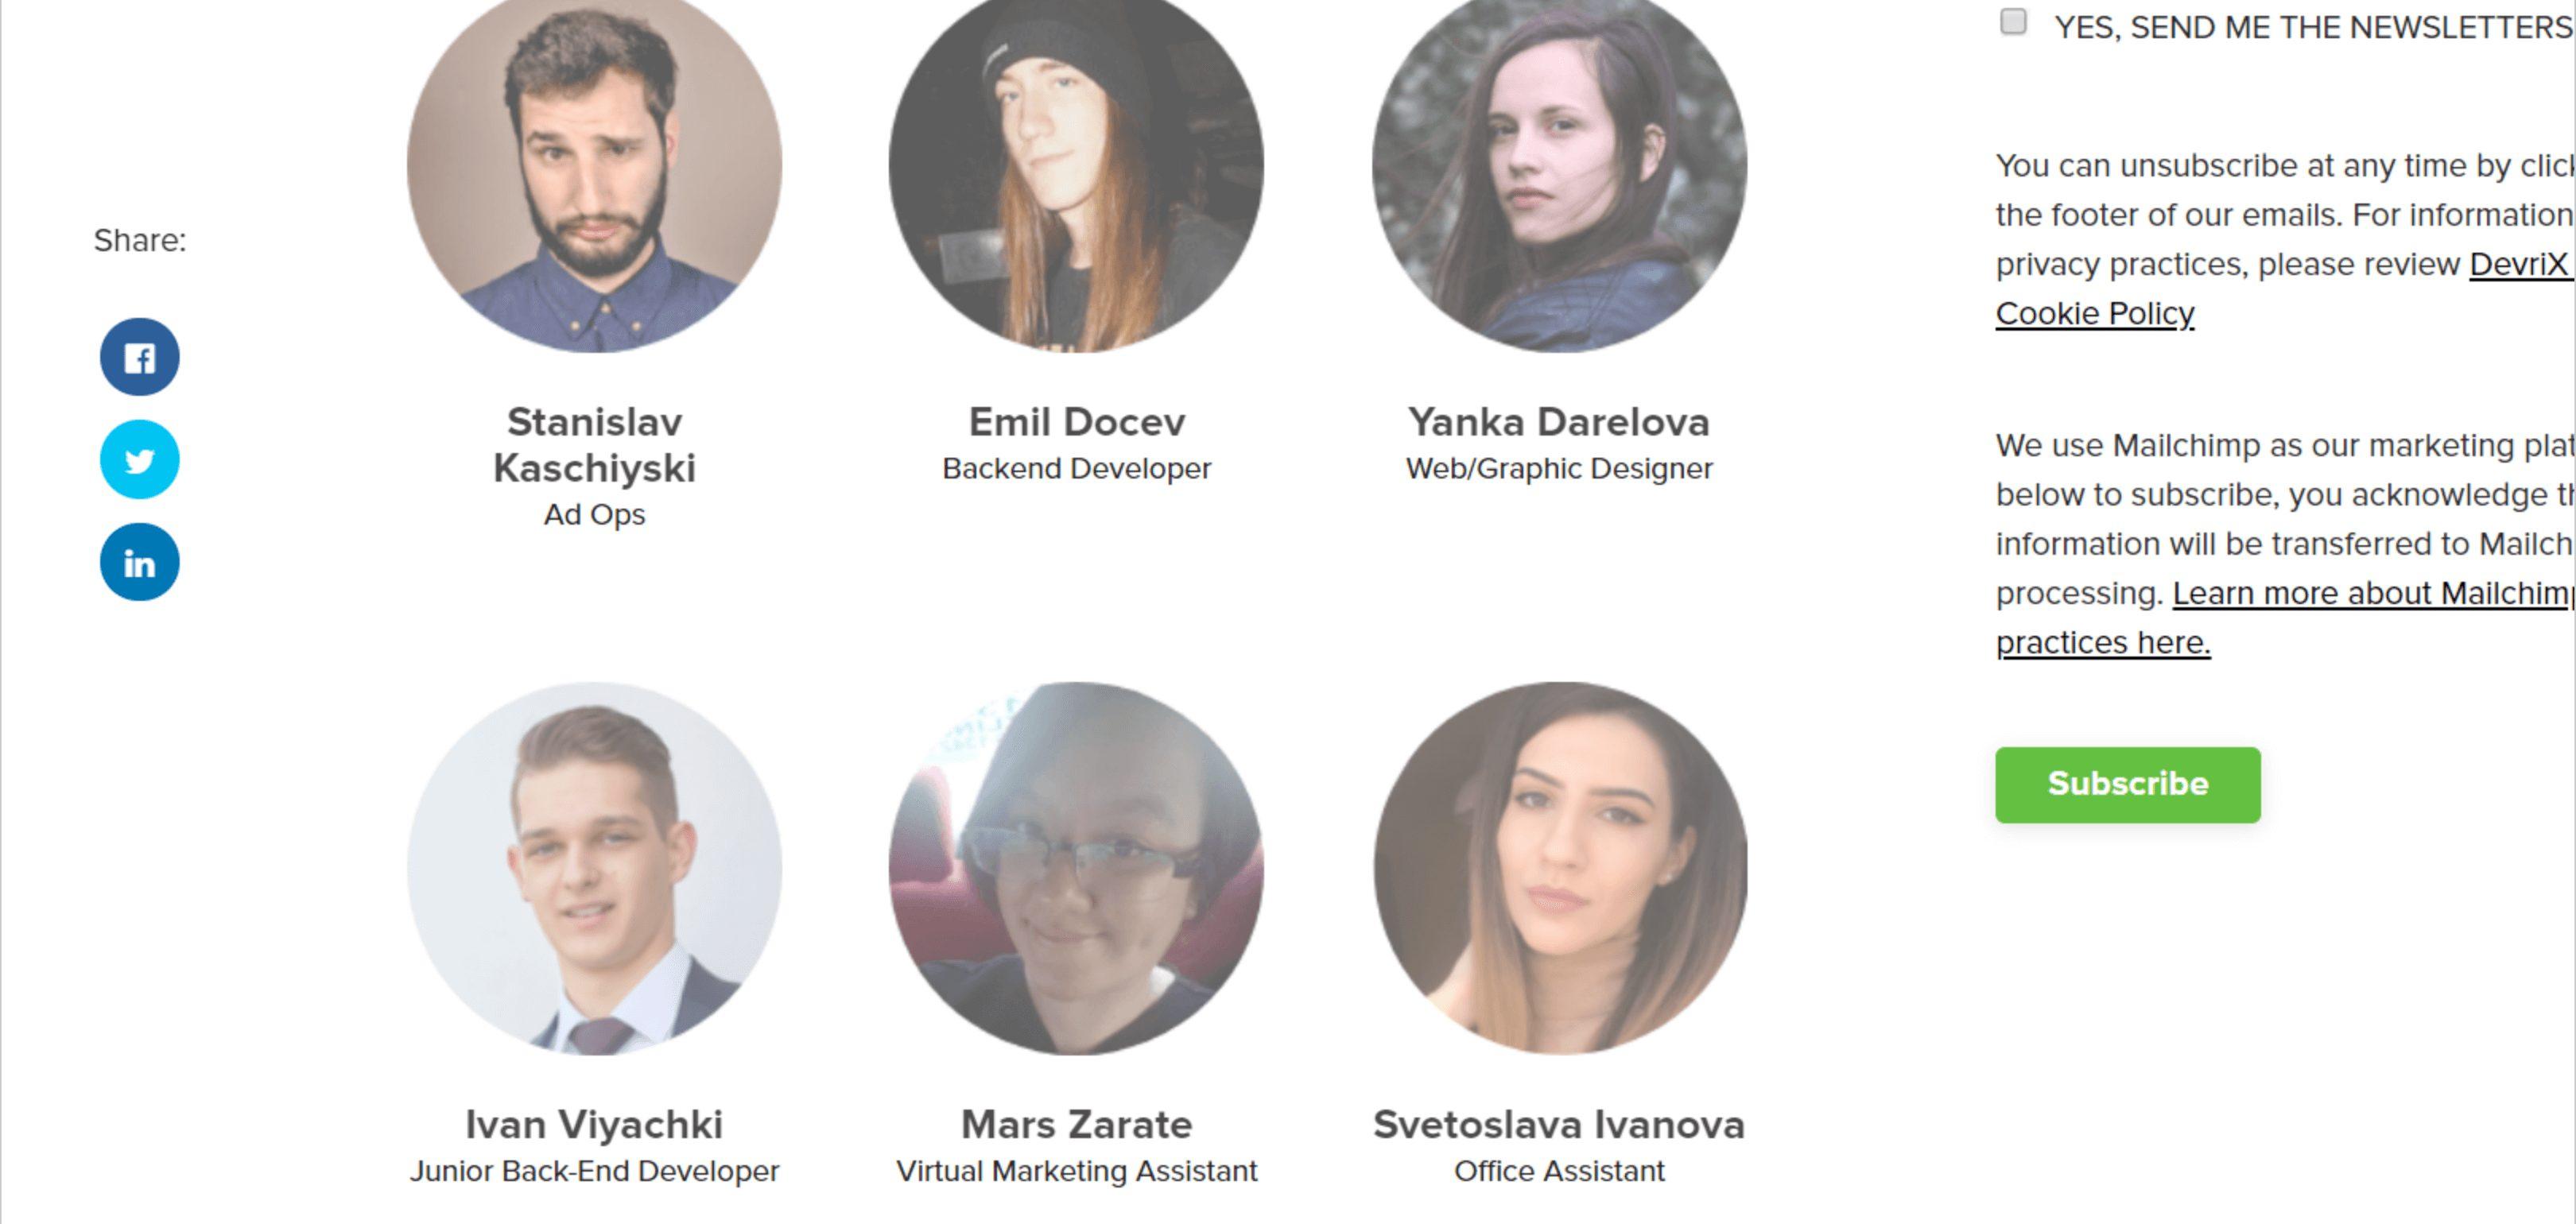 DevriX Our Team Page